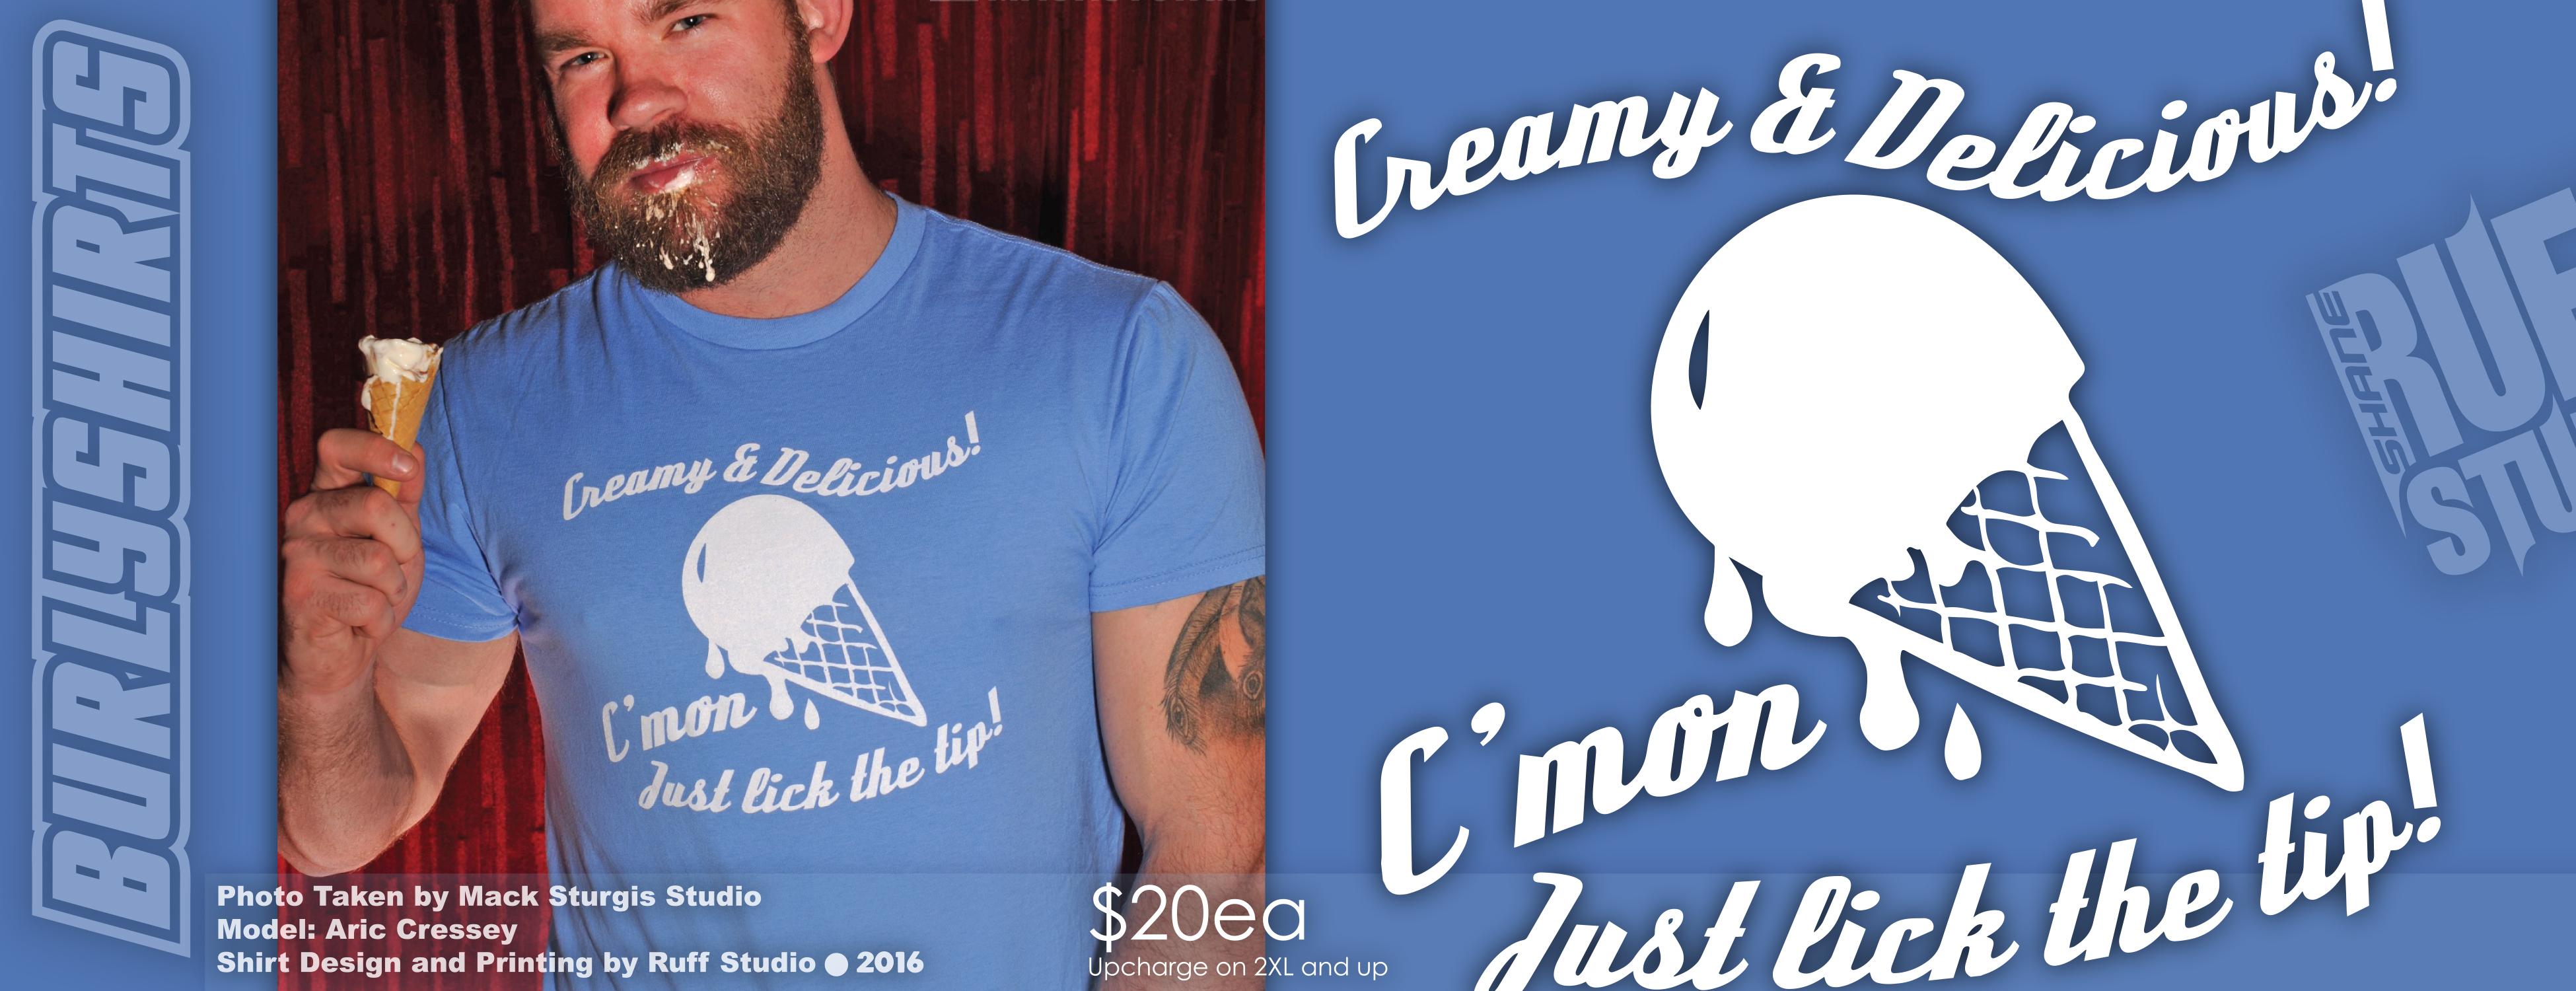 creamy-ad-1a.jpg